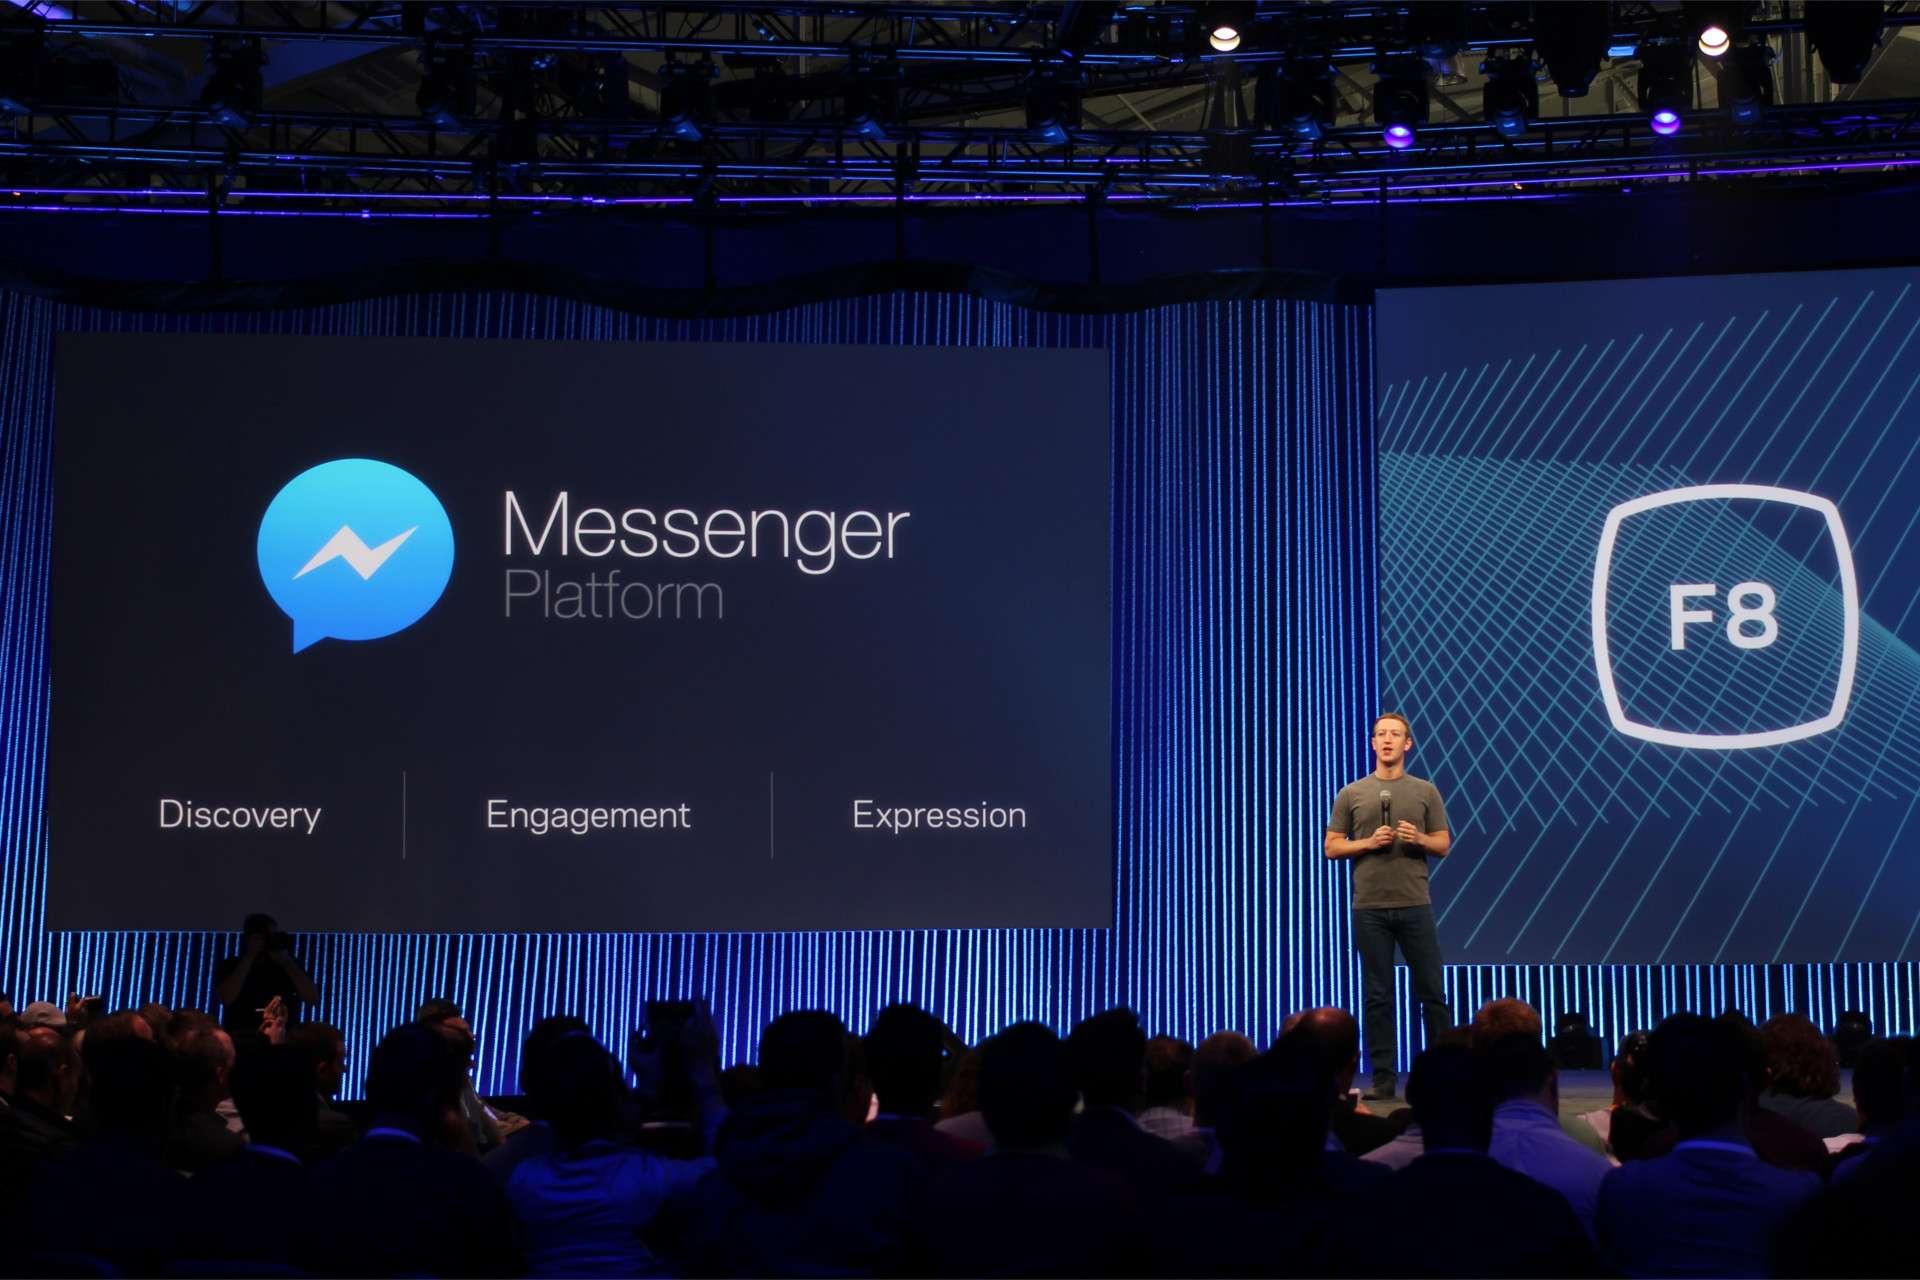 Conferenza F8: Facebook si rinnova. Dal design alla privacy ecco tutte le novità